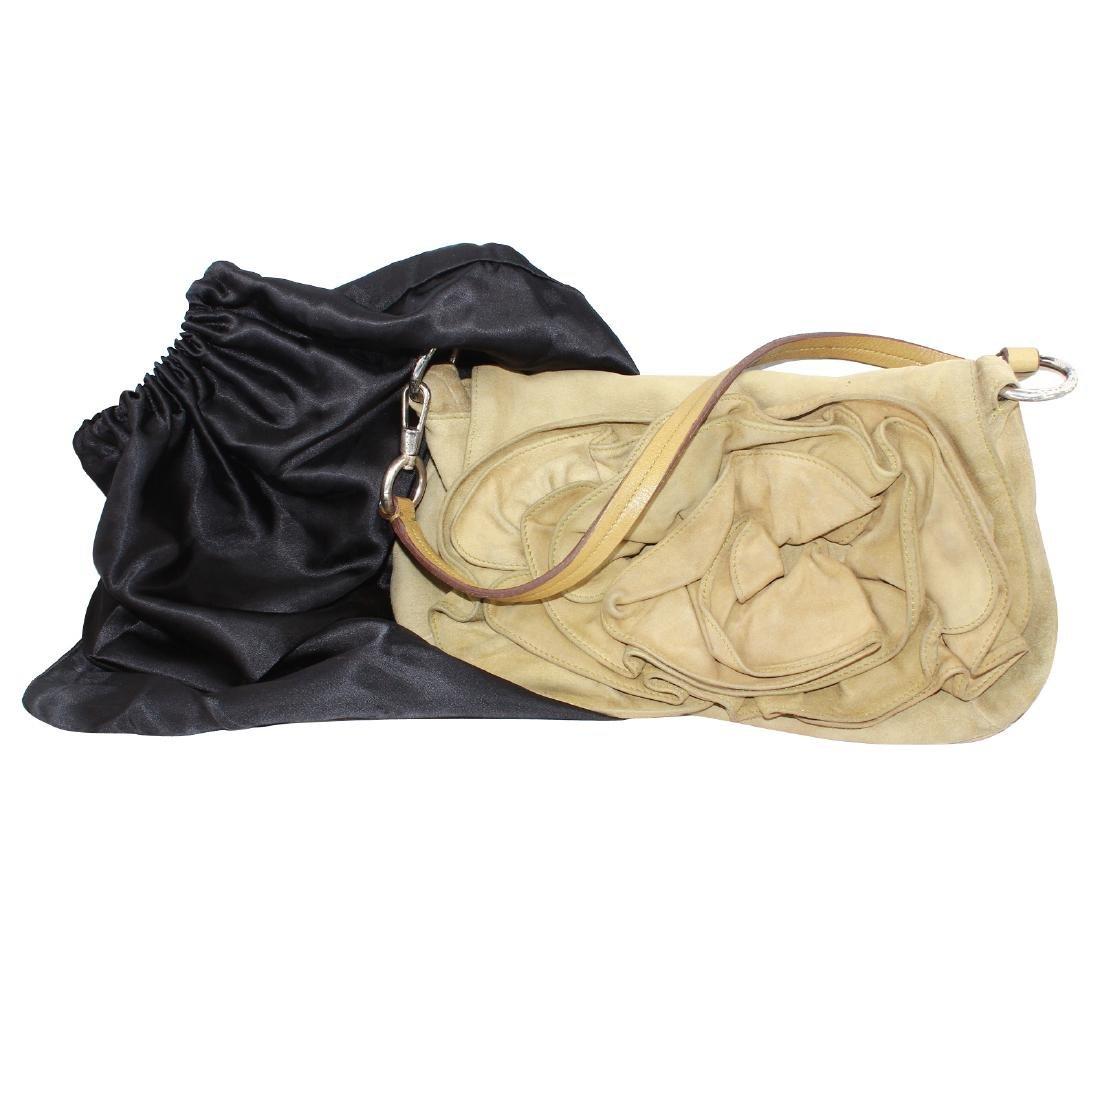 Yves Saint Laurent Nadja Rose Shoulder Bag Beige Suede